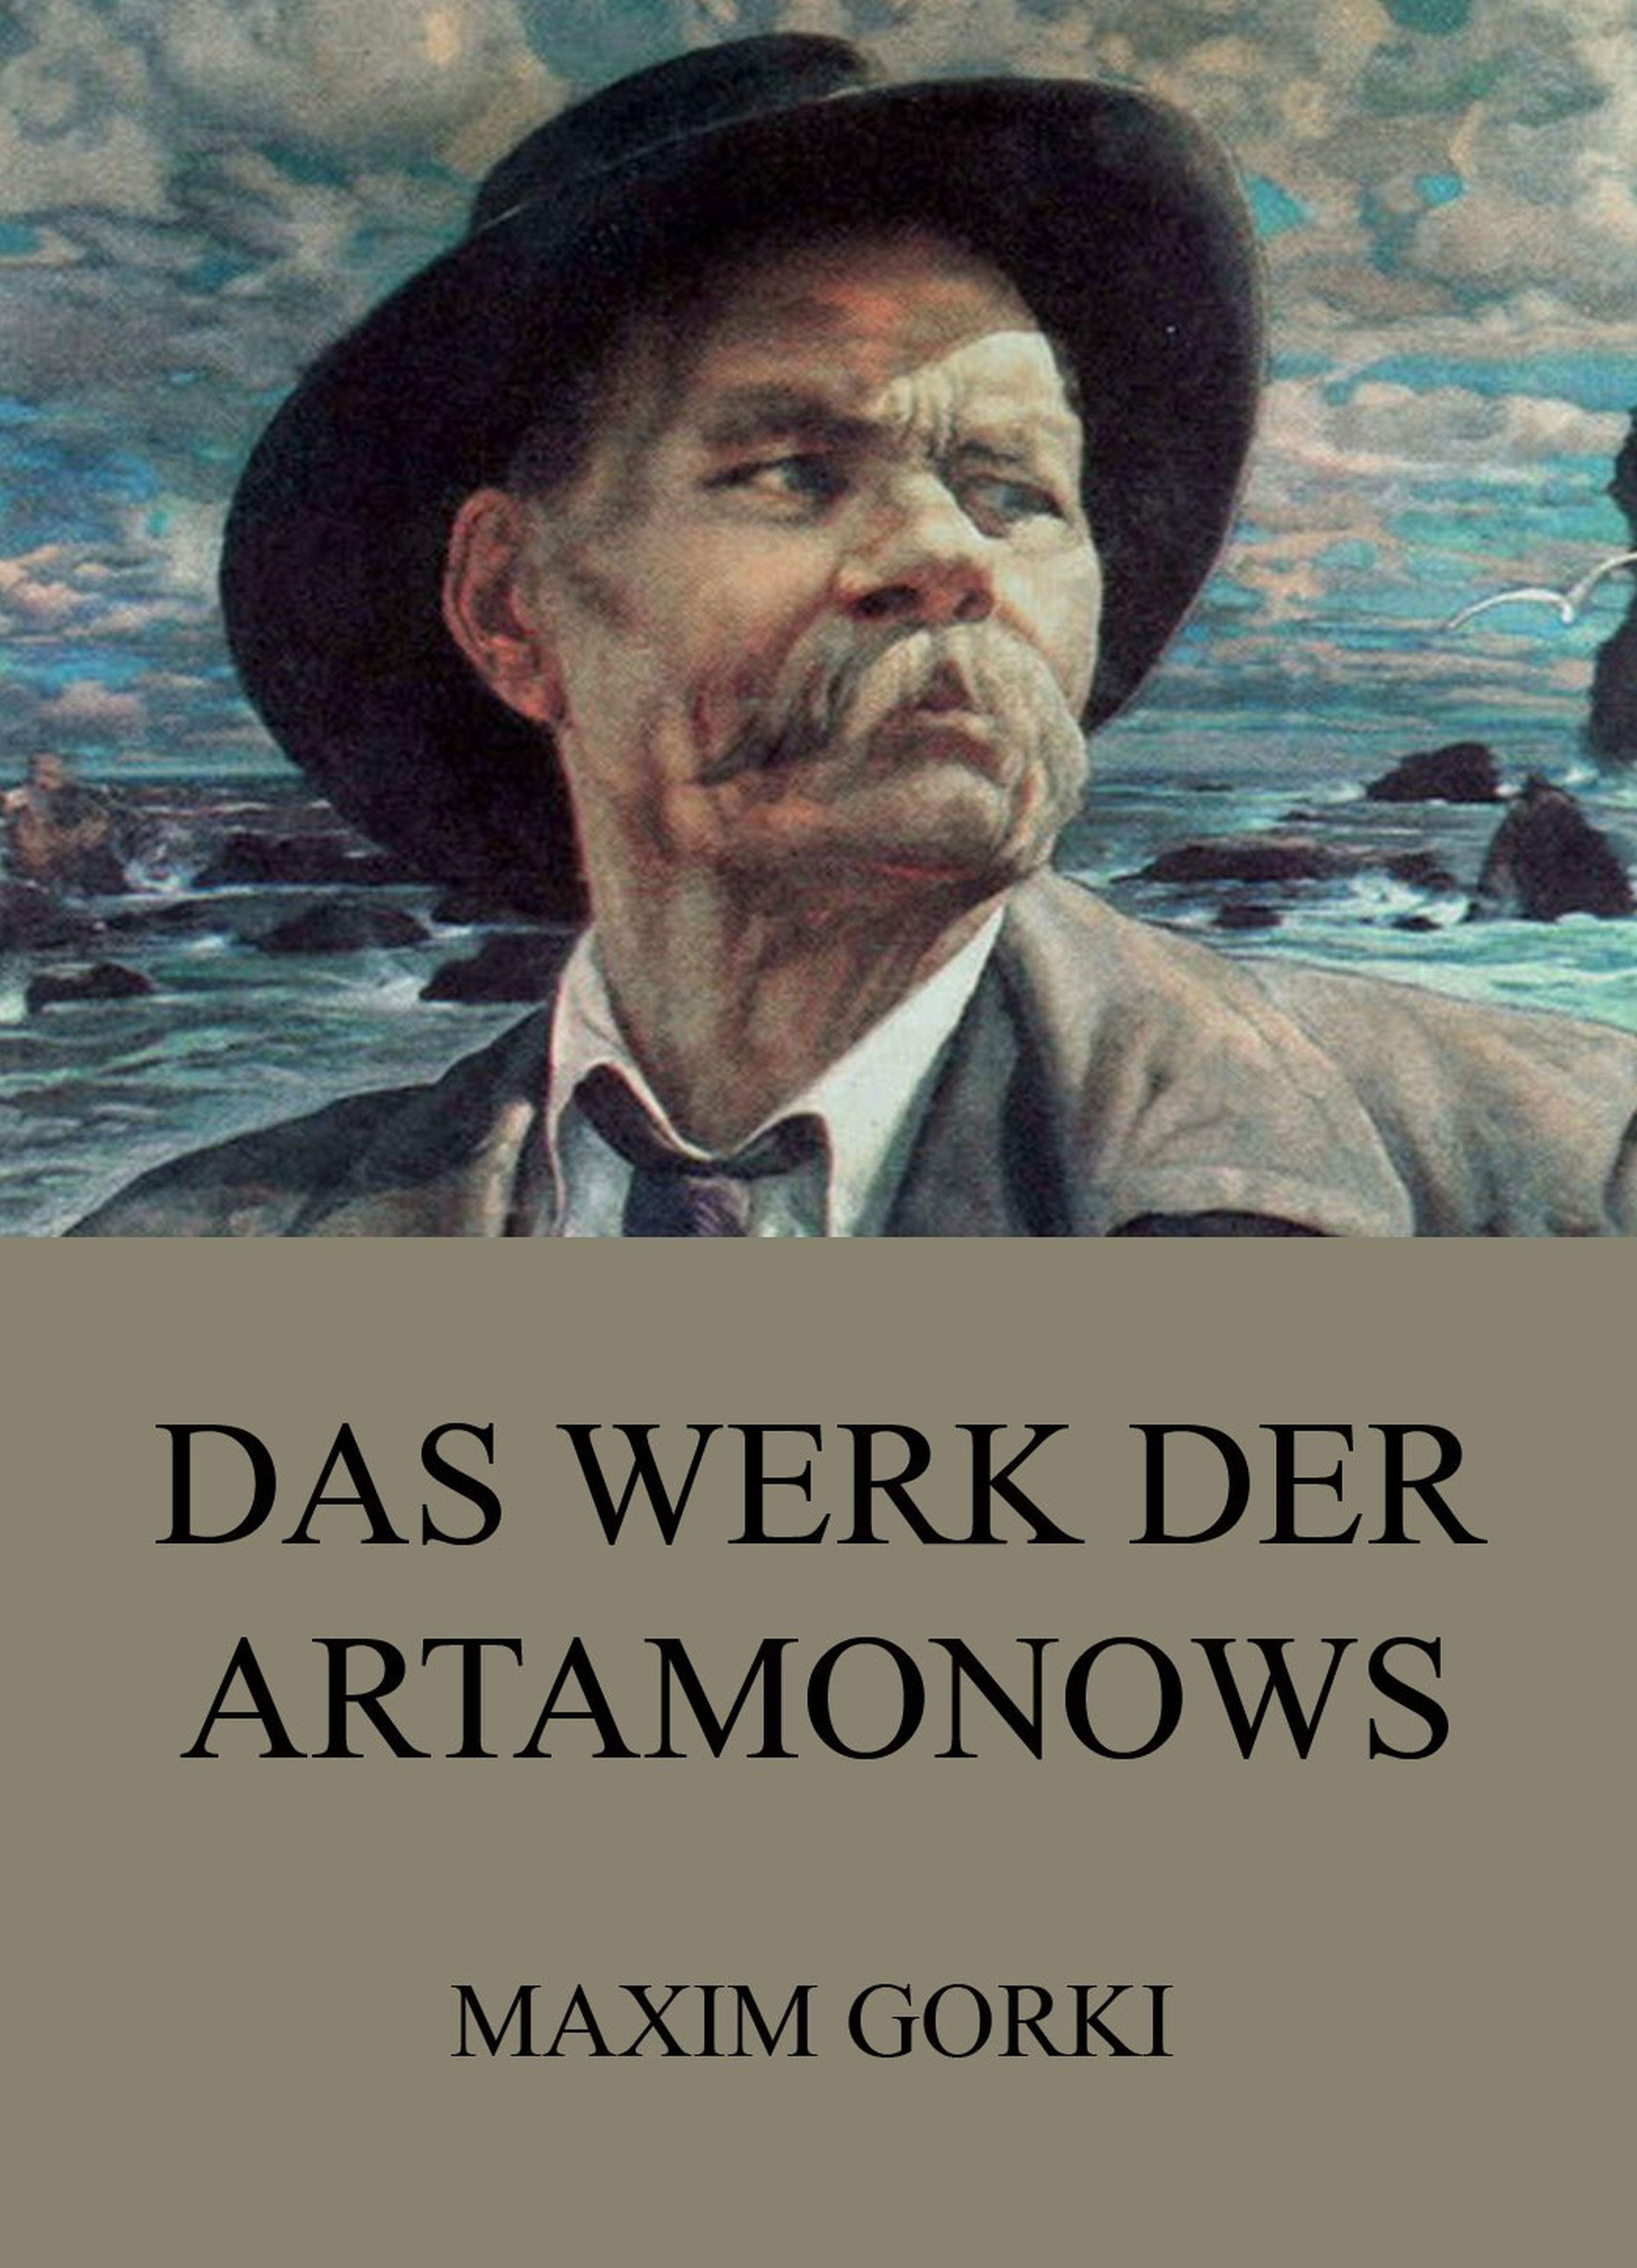 Maxim Gorki Das Werk der Artamonows